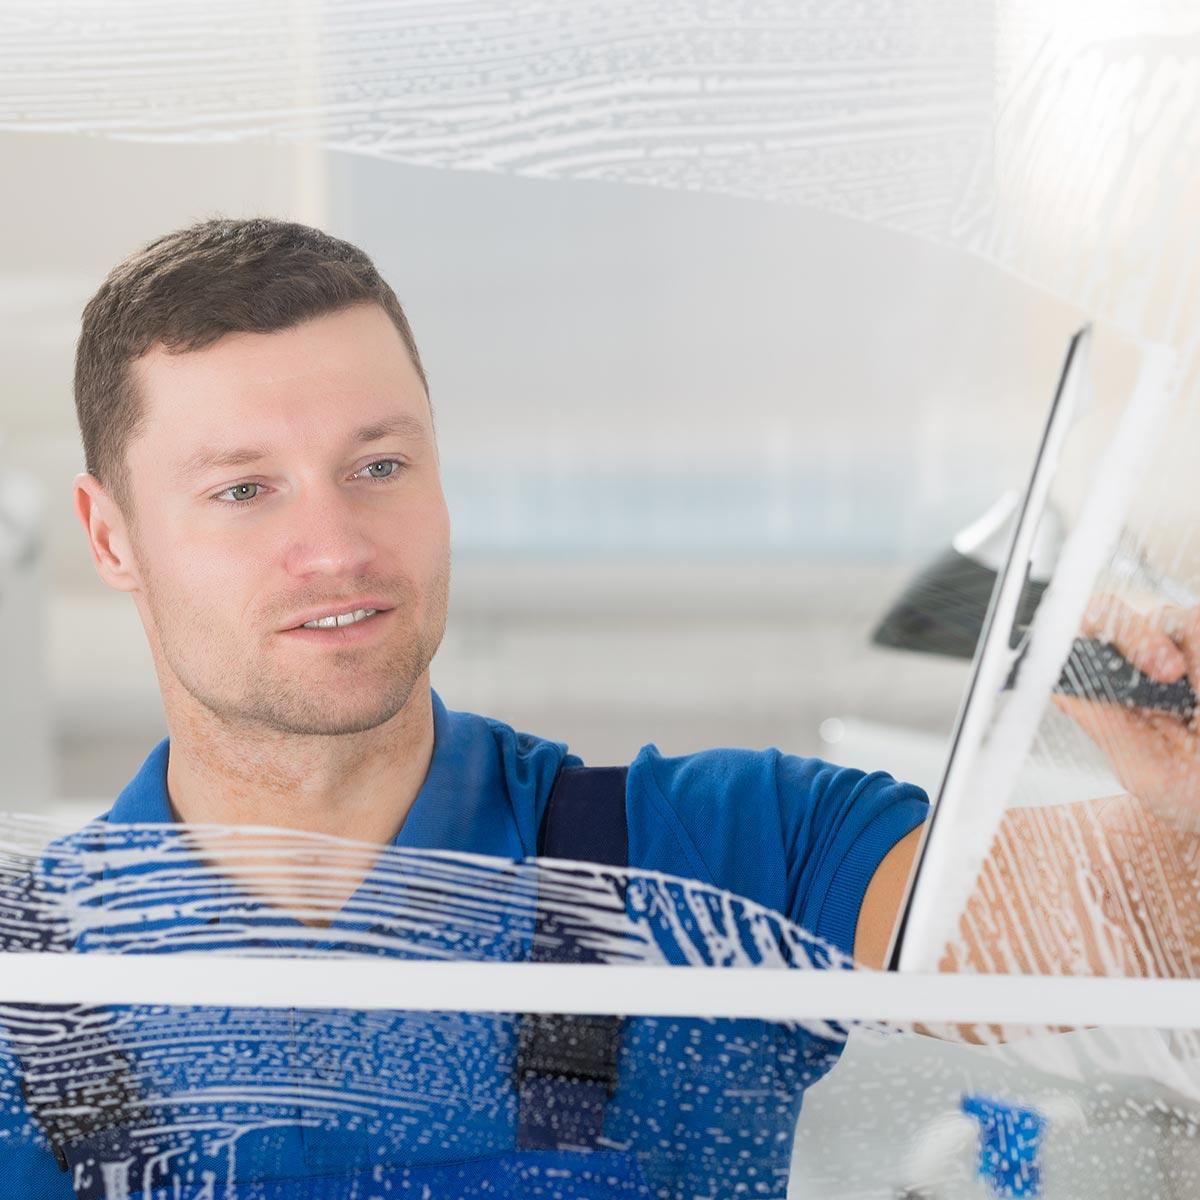 Fensterputzer Würzburg reinigt zuverlässig Fenster und Fensterrahmen in privaten Haushalten.